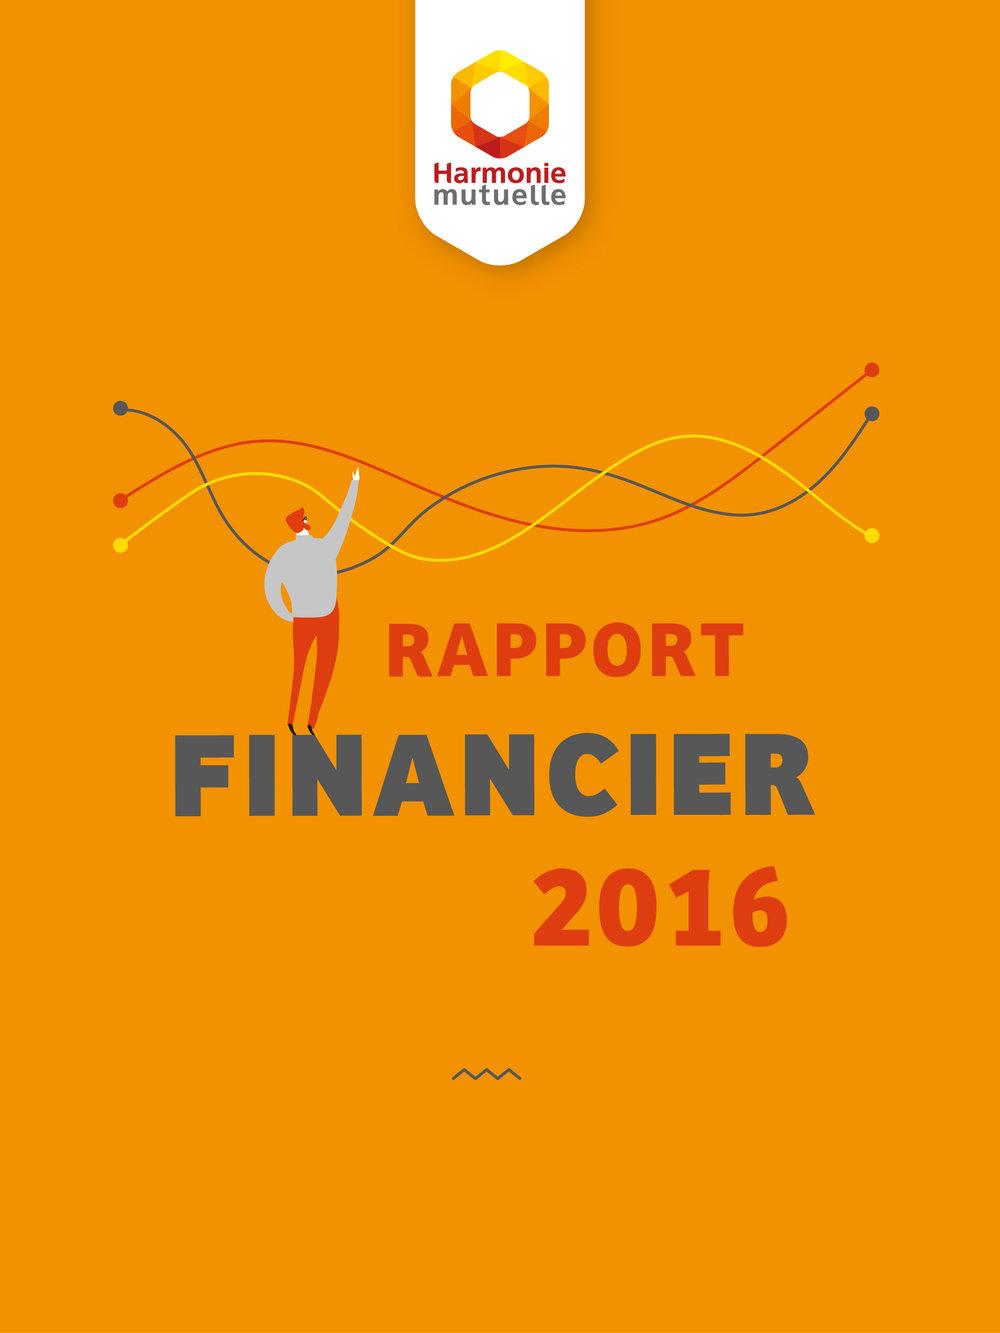 rapport financier-01.jpg